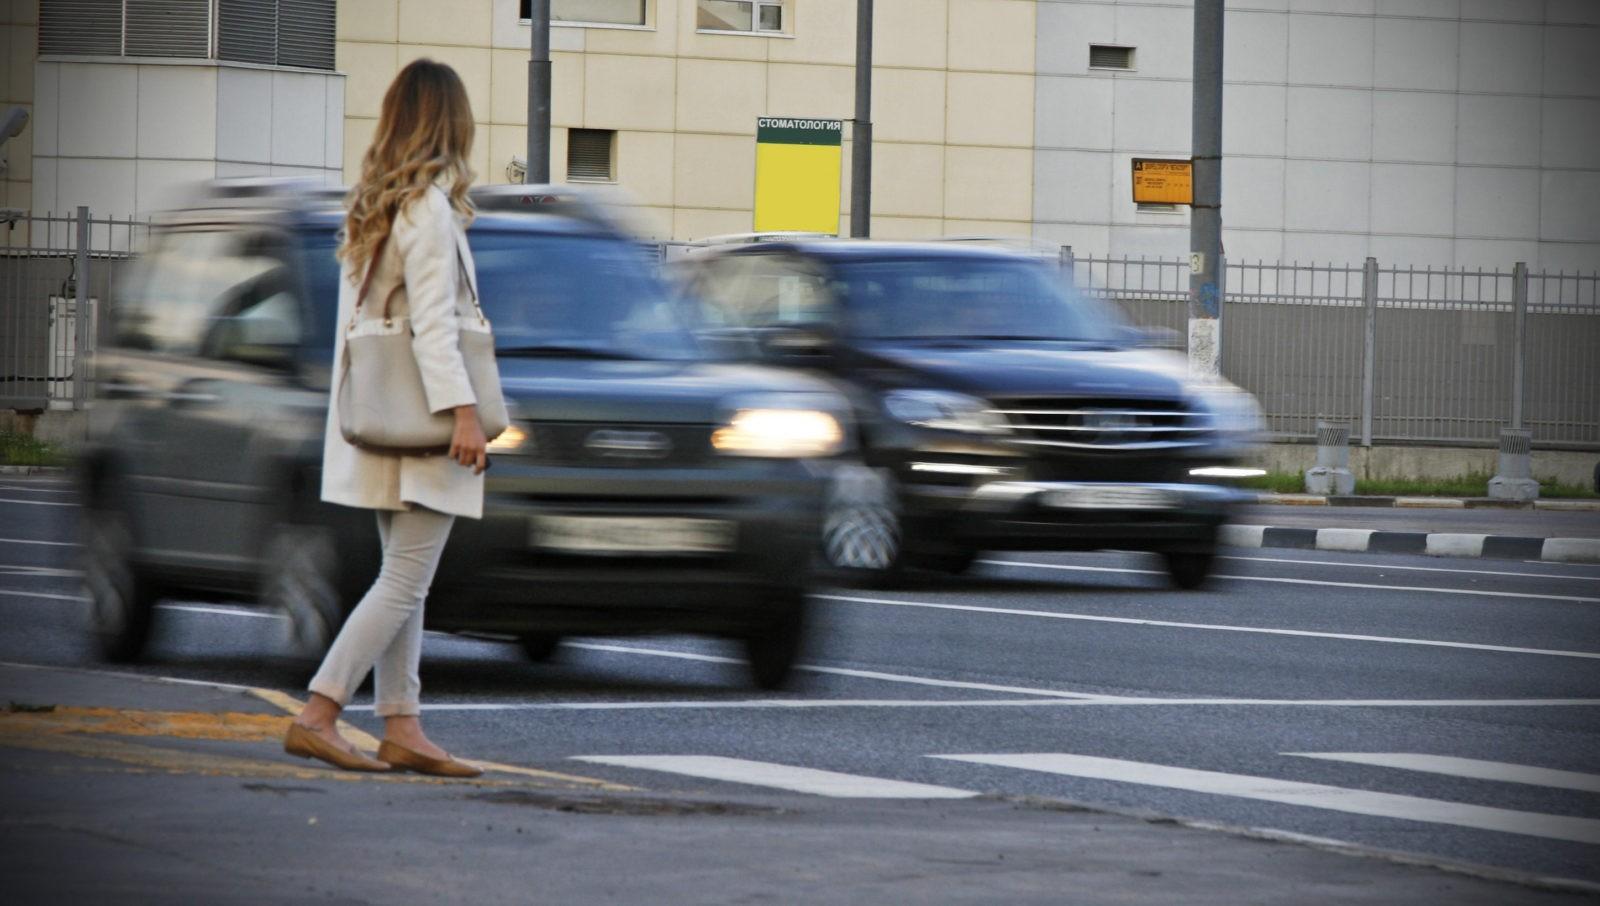 Как придется отвечать если сбил пешехода на пешеходном переходе